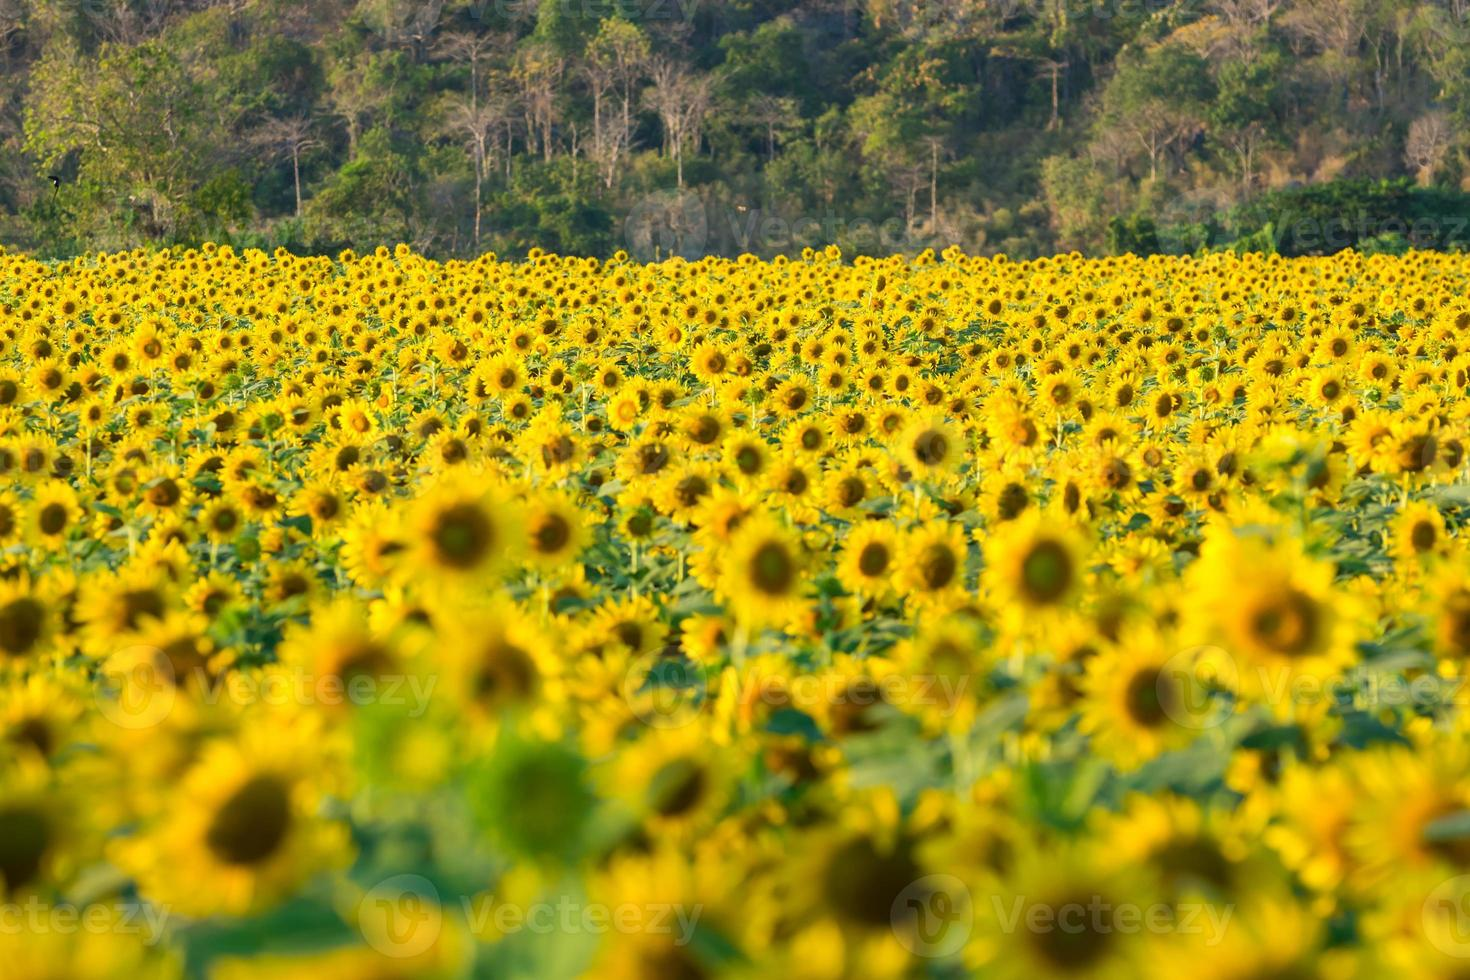 Sonnenblumenfarm foto